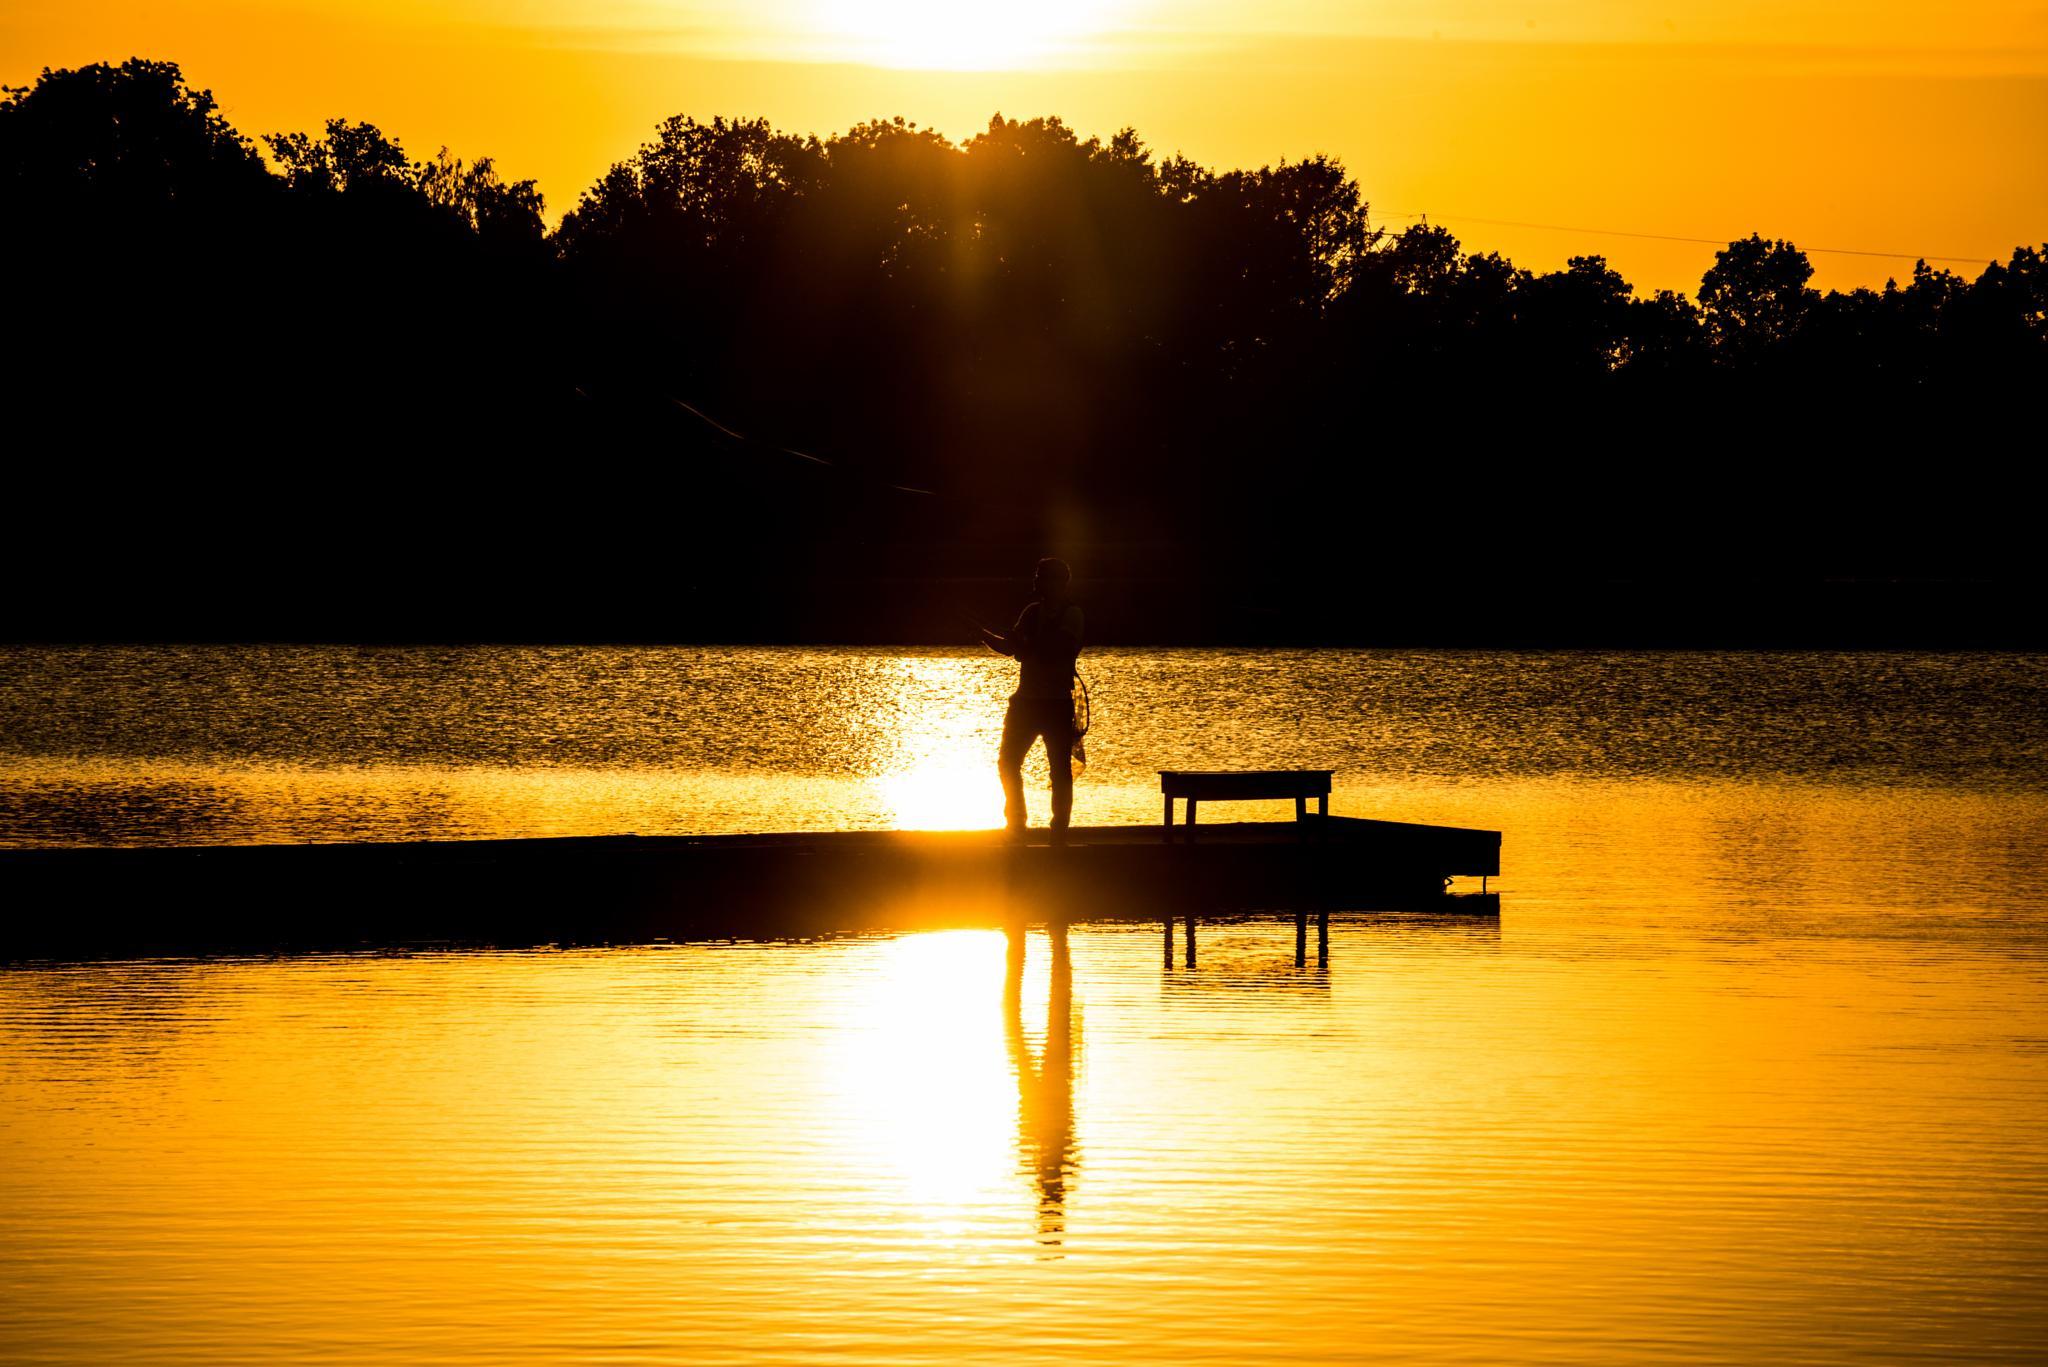 fisherman in sunset by lars-goran6